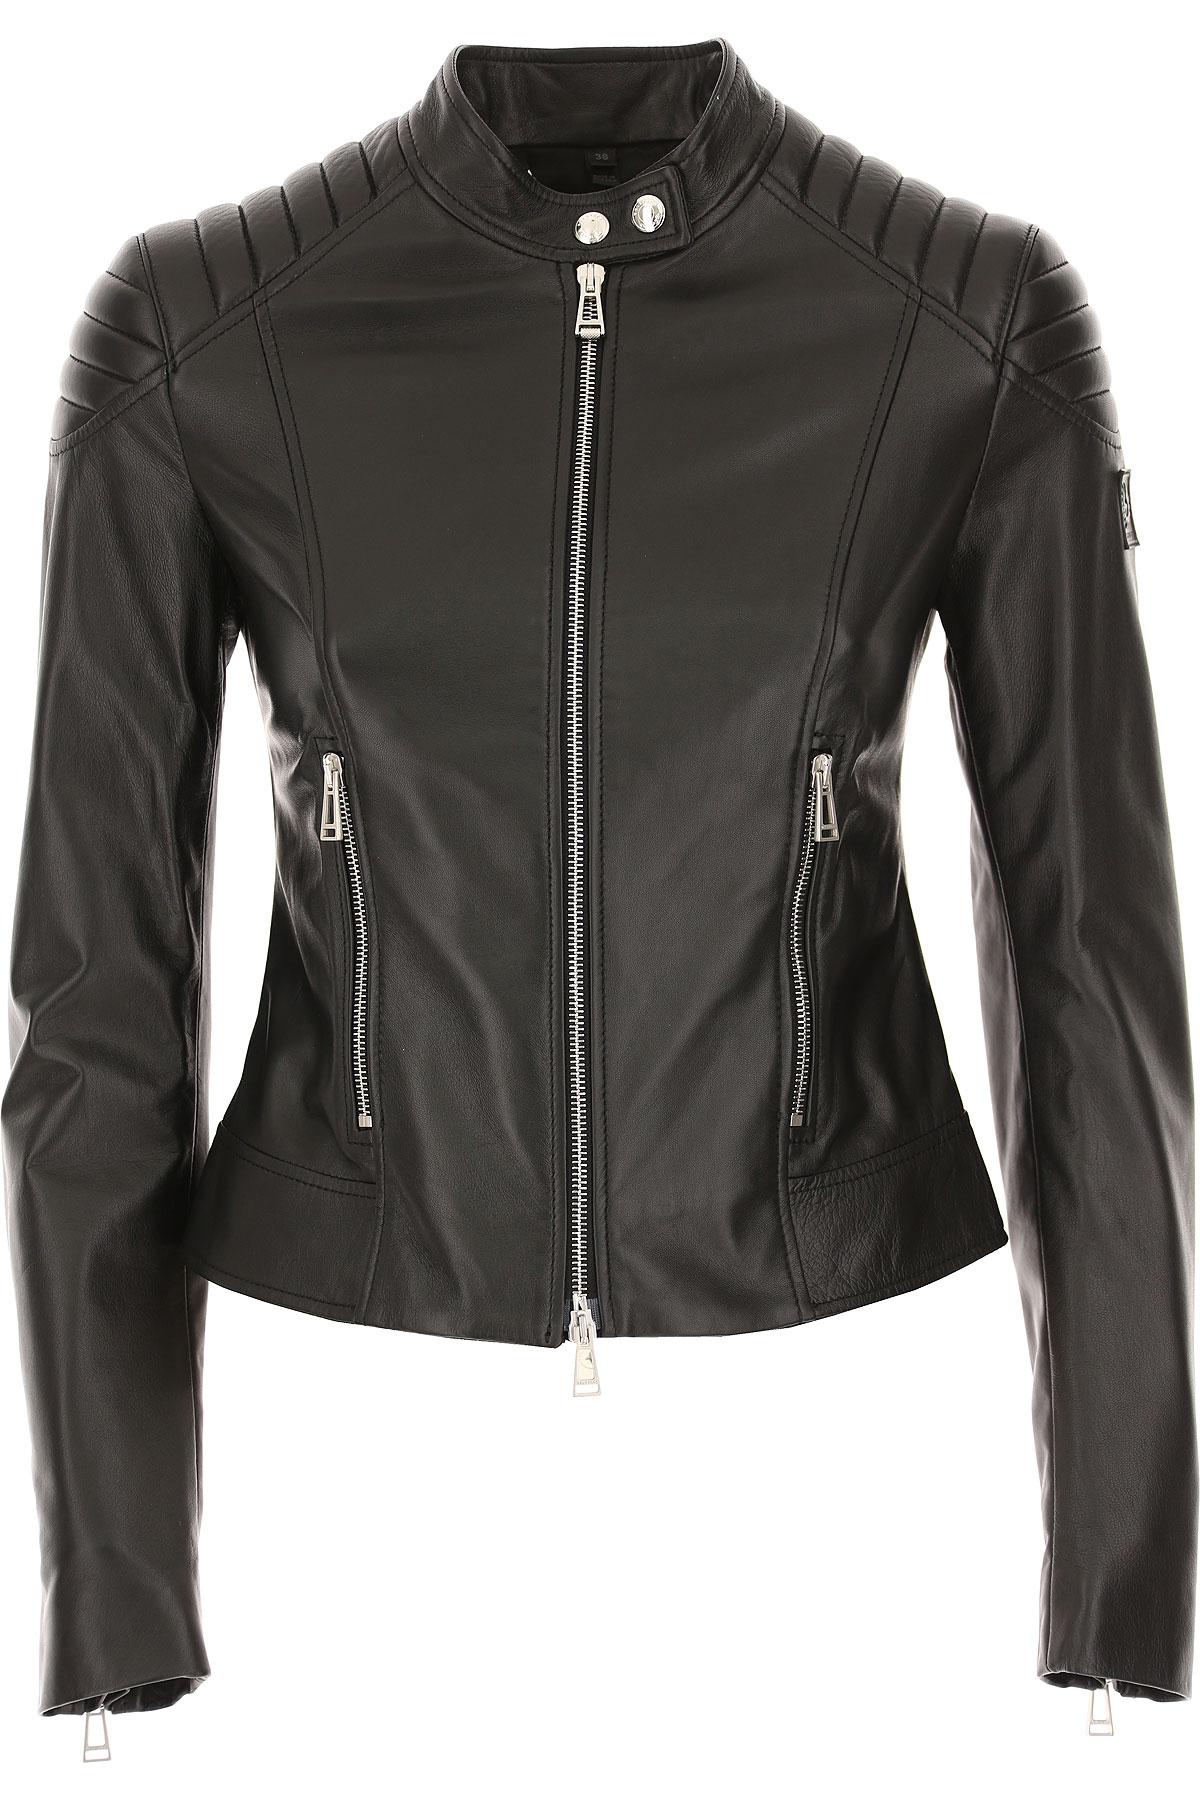 Image of Belstaff Jacket for Women, Black, Leather, 2017, 2 4